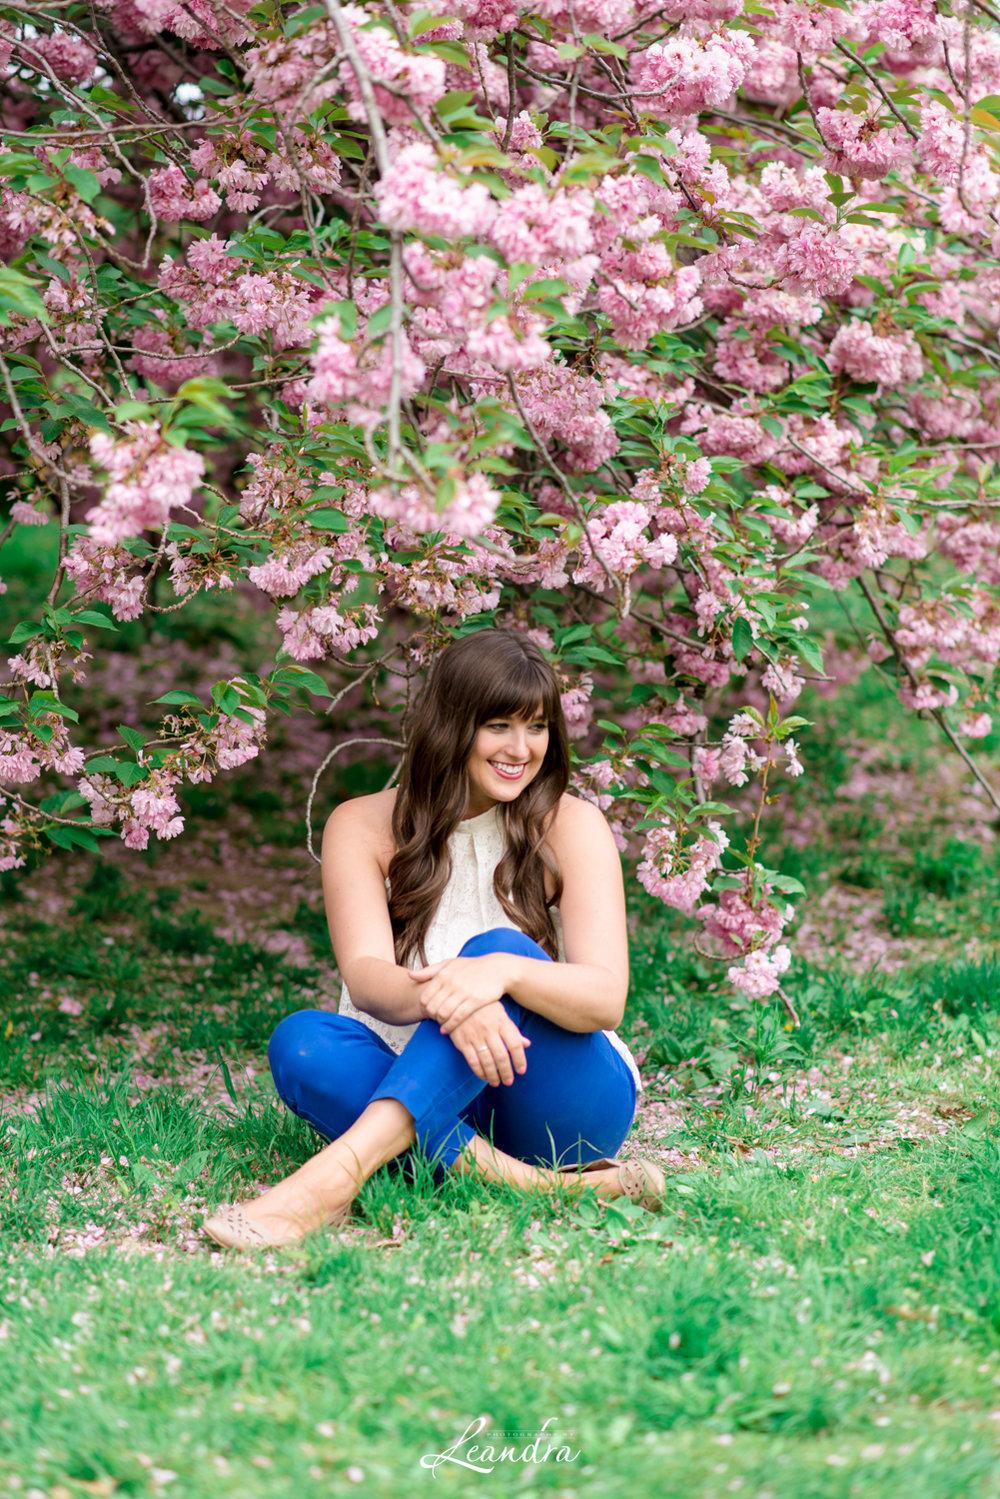 CentralParkCherryBlossoms-04.jpg